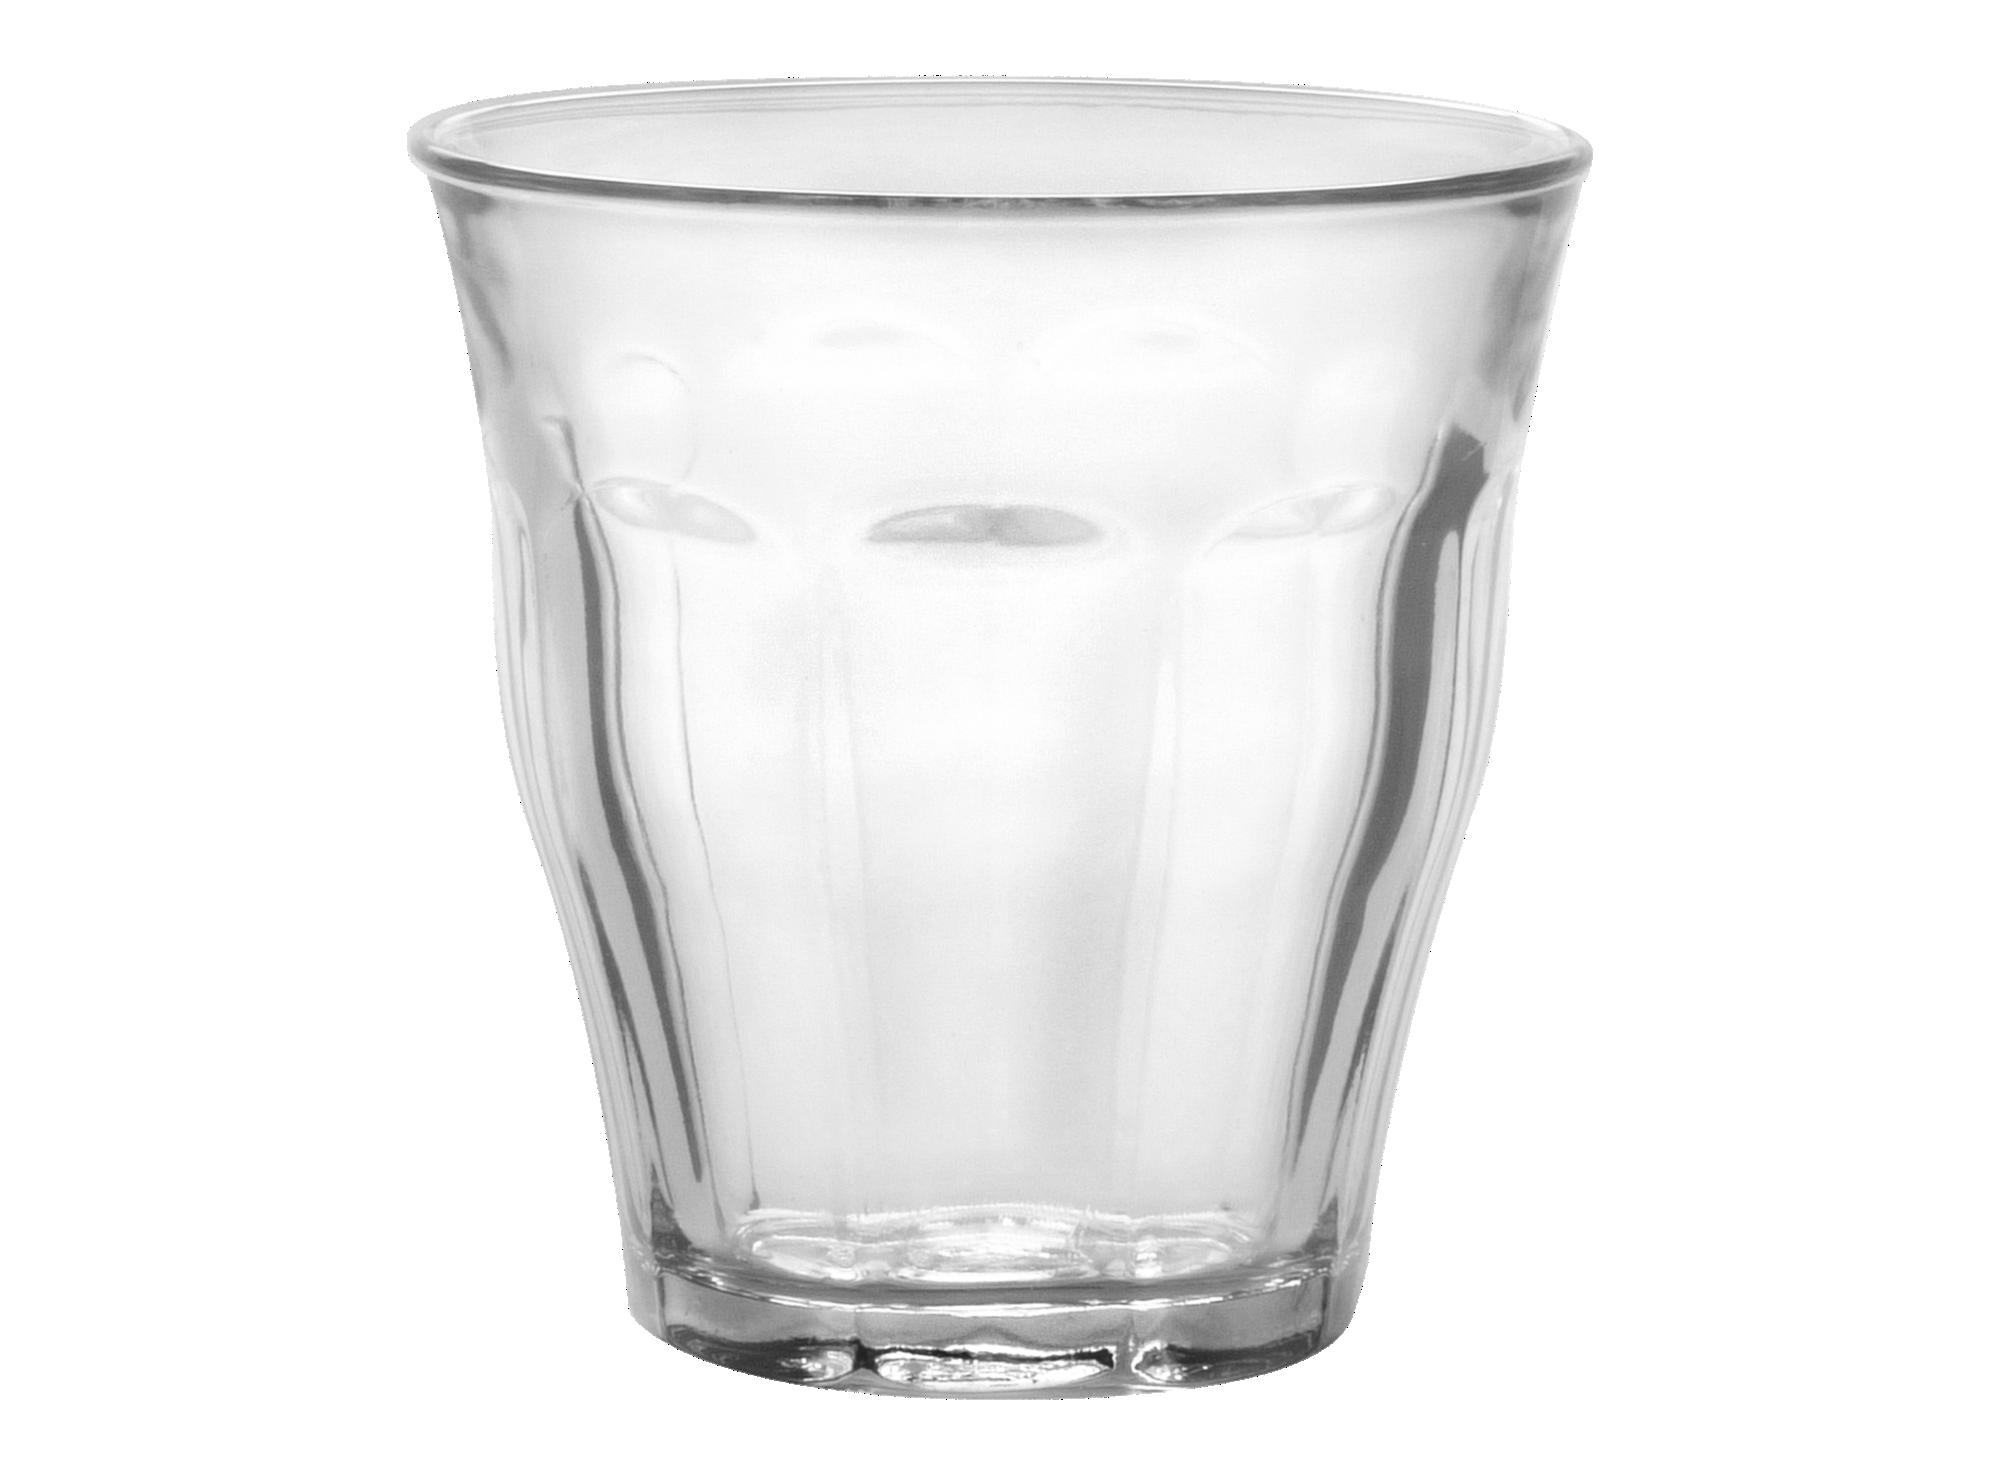 Gobelet 25cl en verre mecanique transparent. resiste au lave vaissell ...